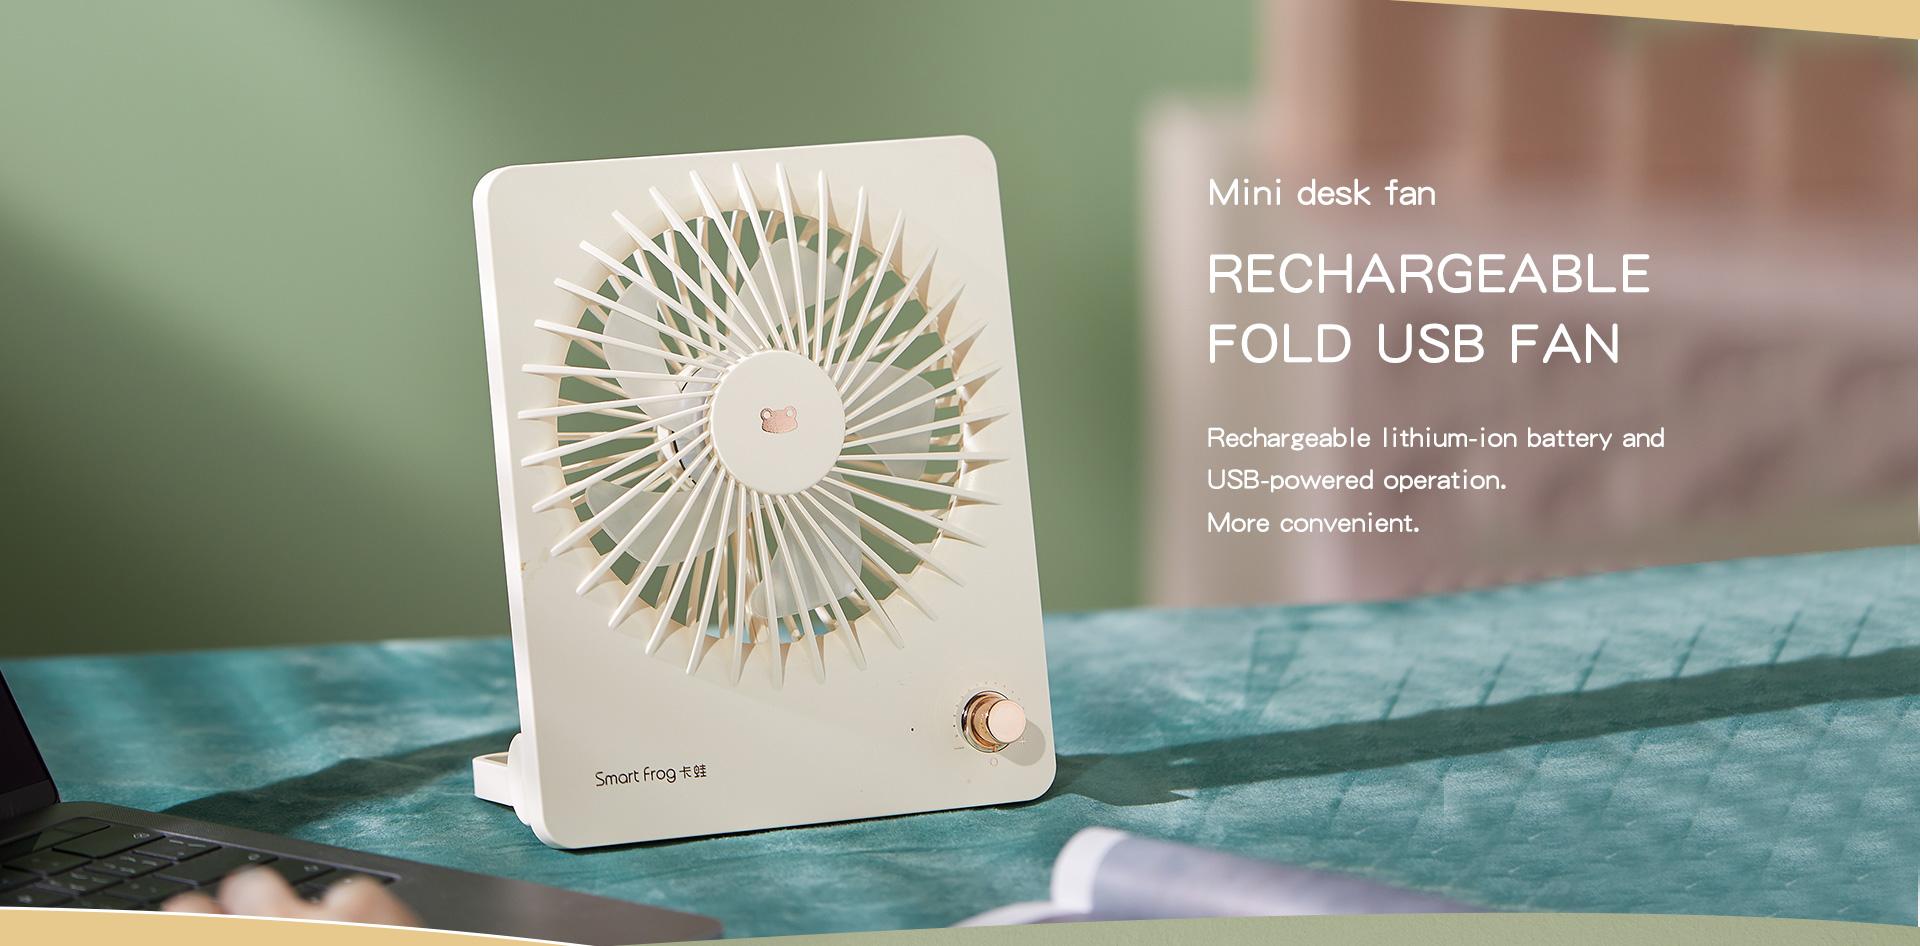 Smart Frog The Promise 1 USB Fan - KW-MF300 - White